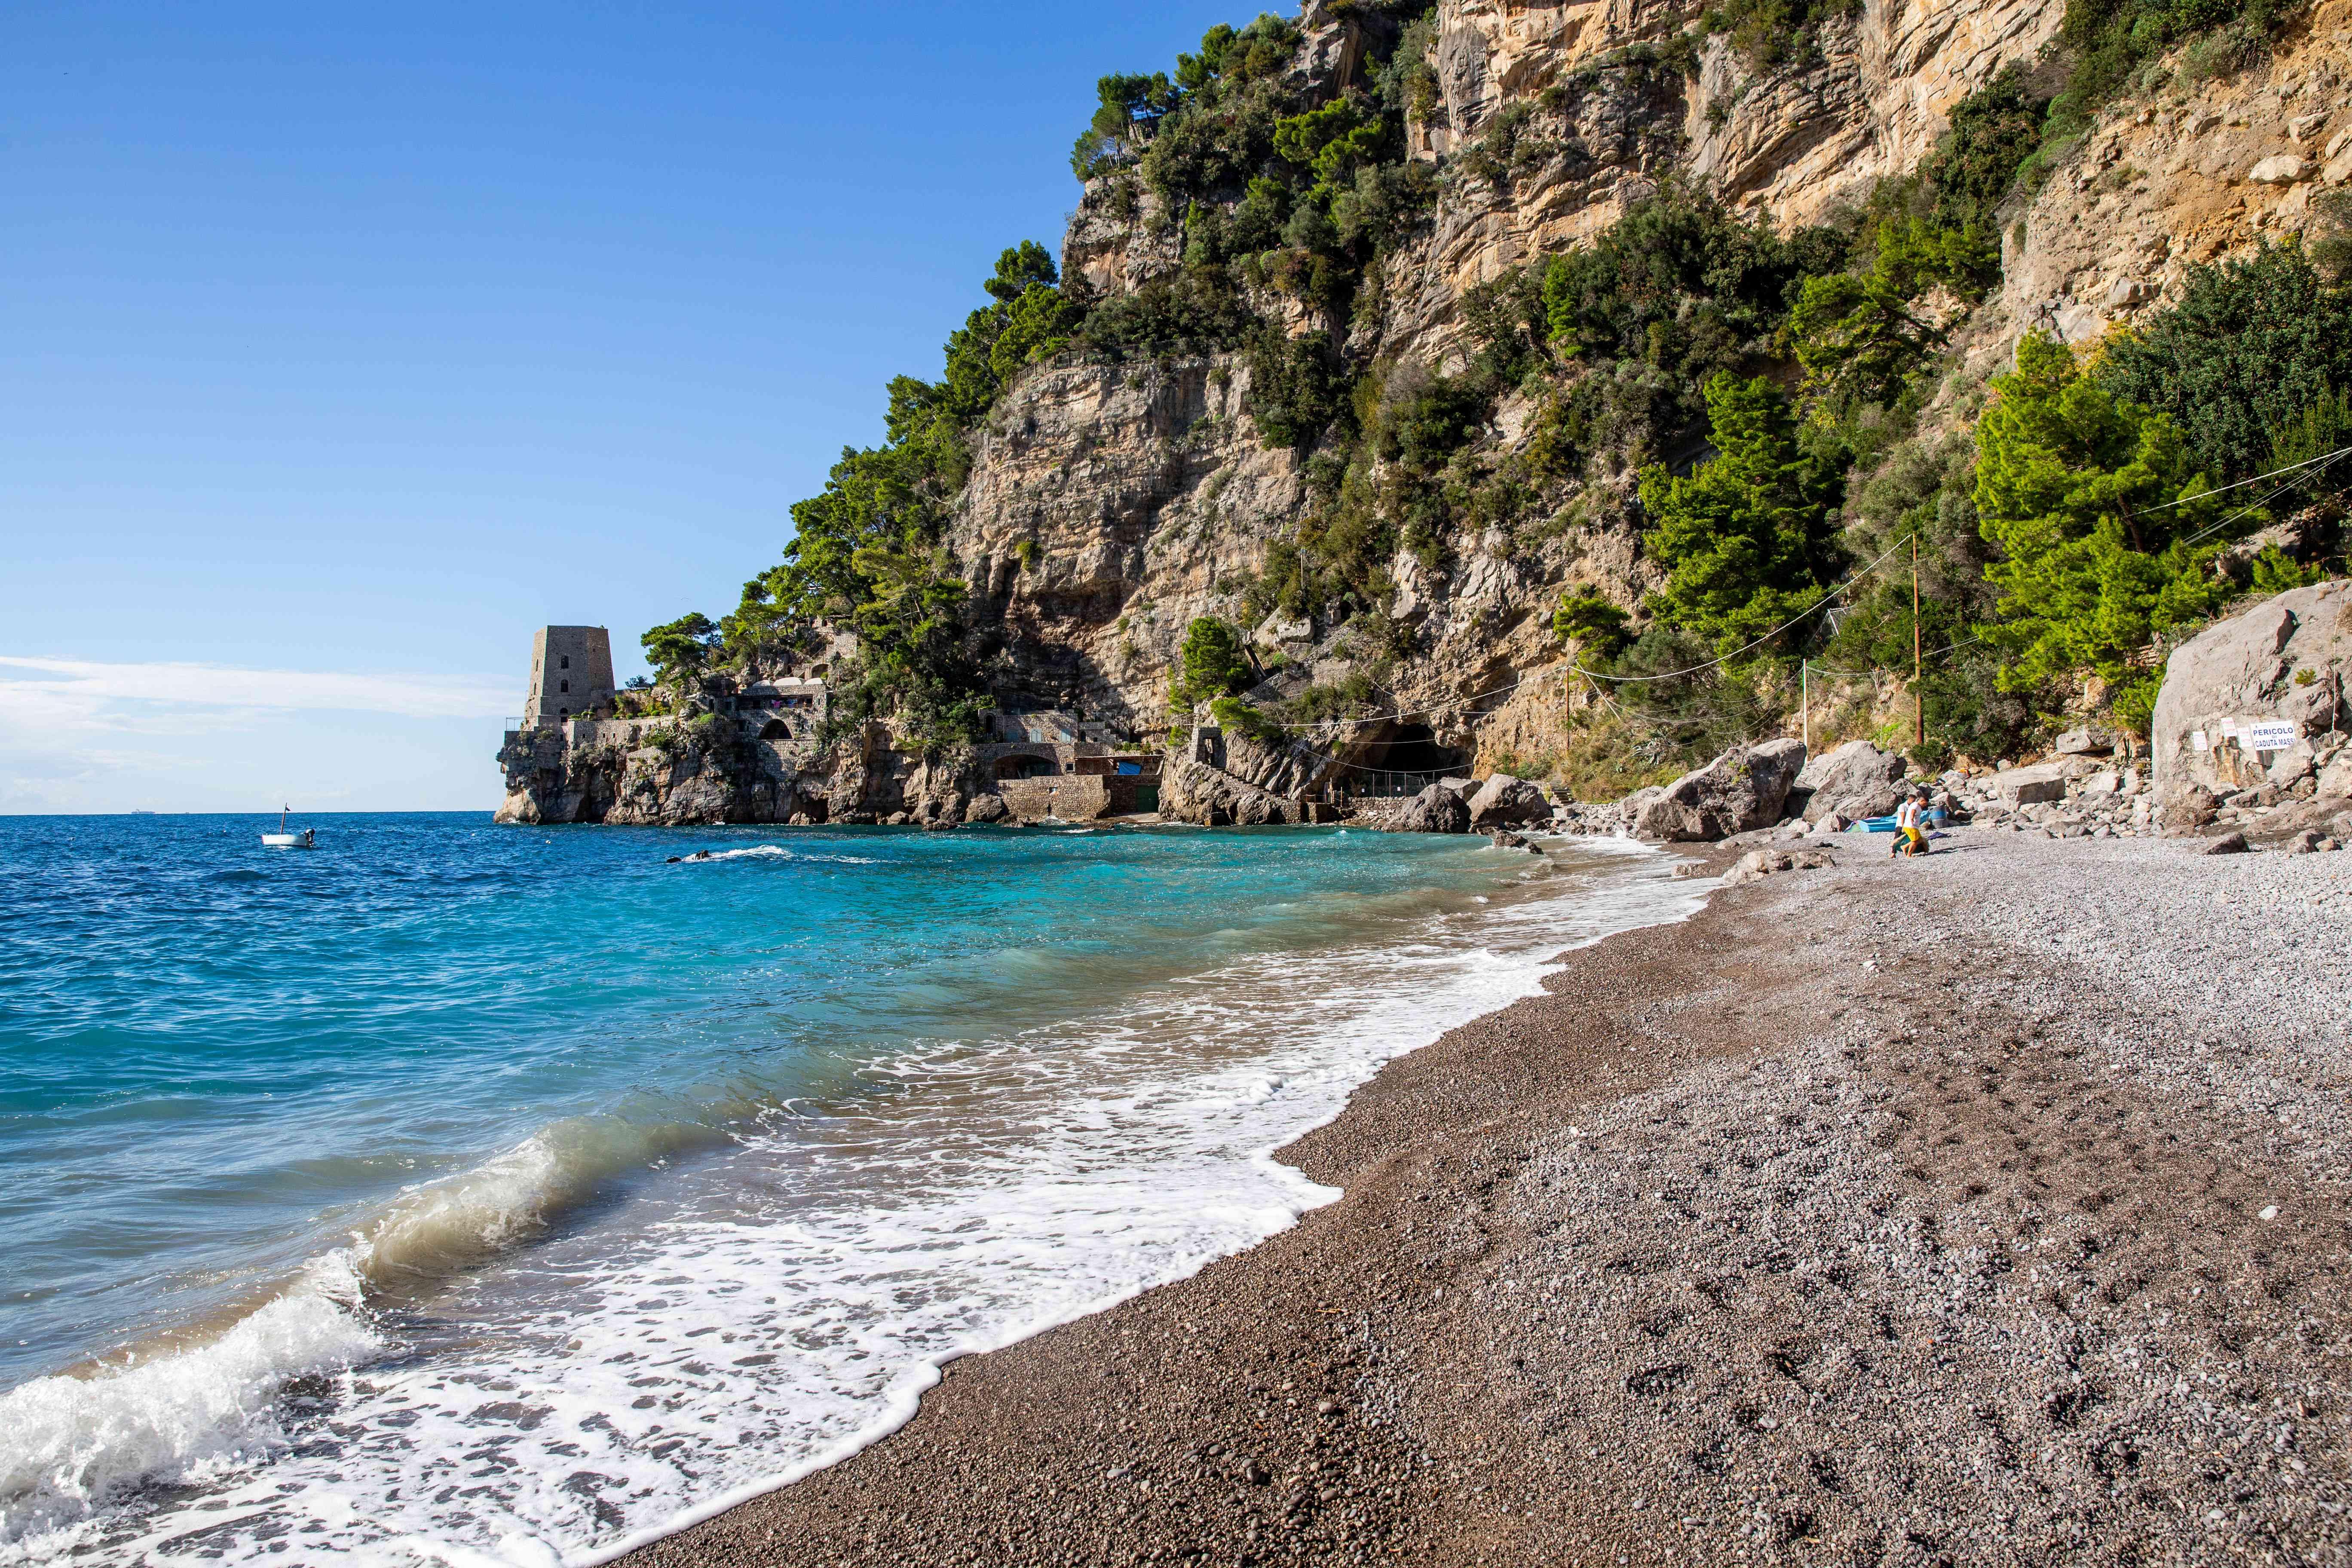 Fornillo Beach, Amalfi Coast, Italy